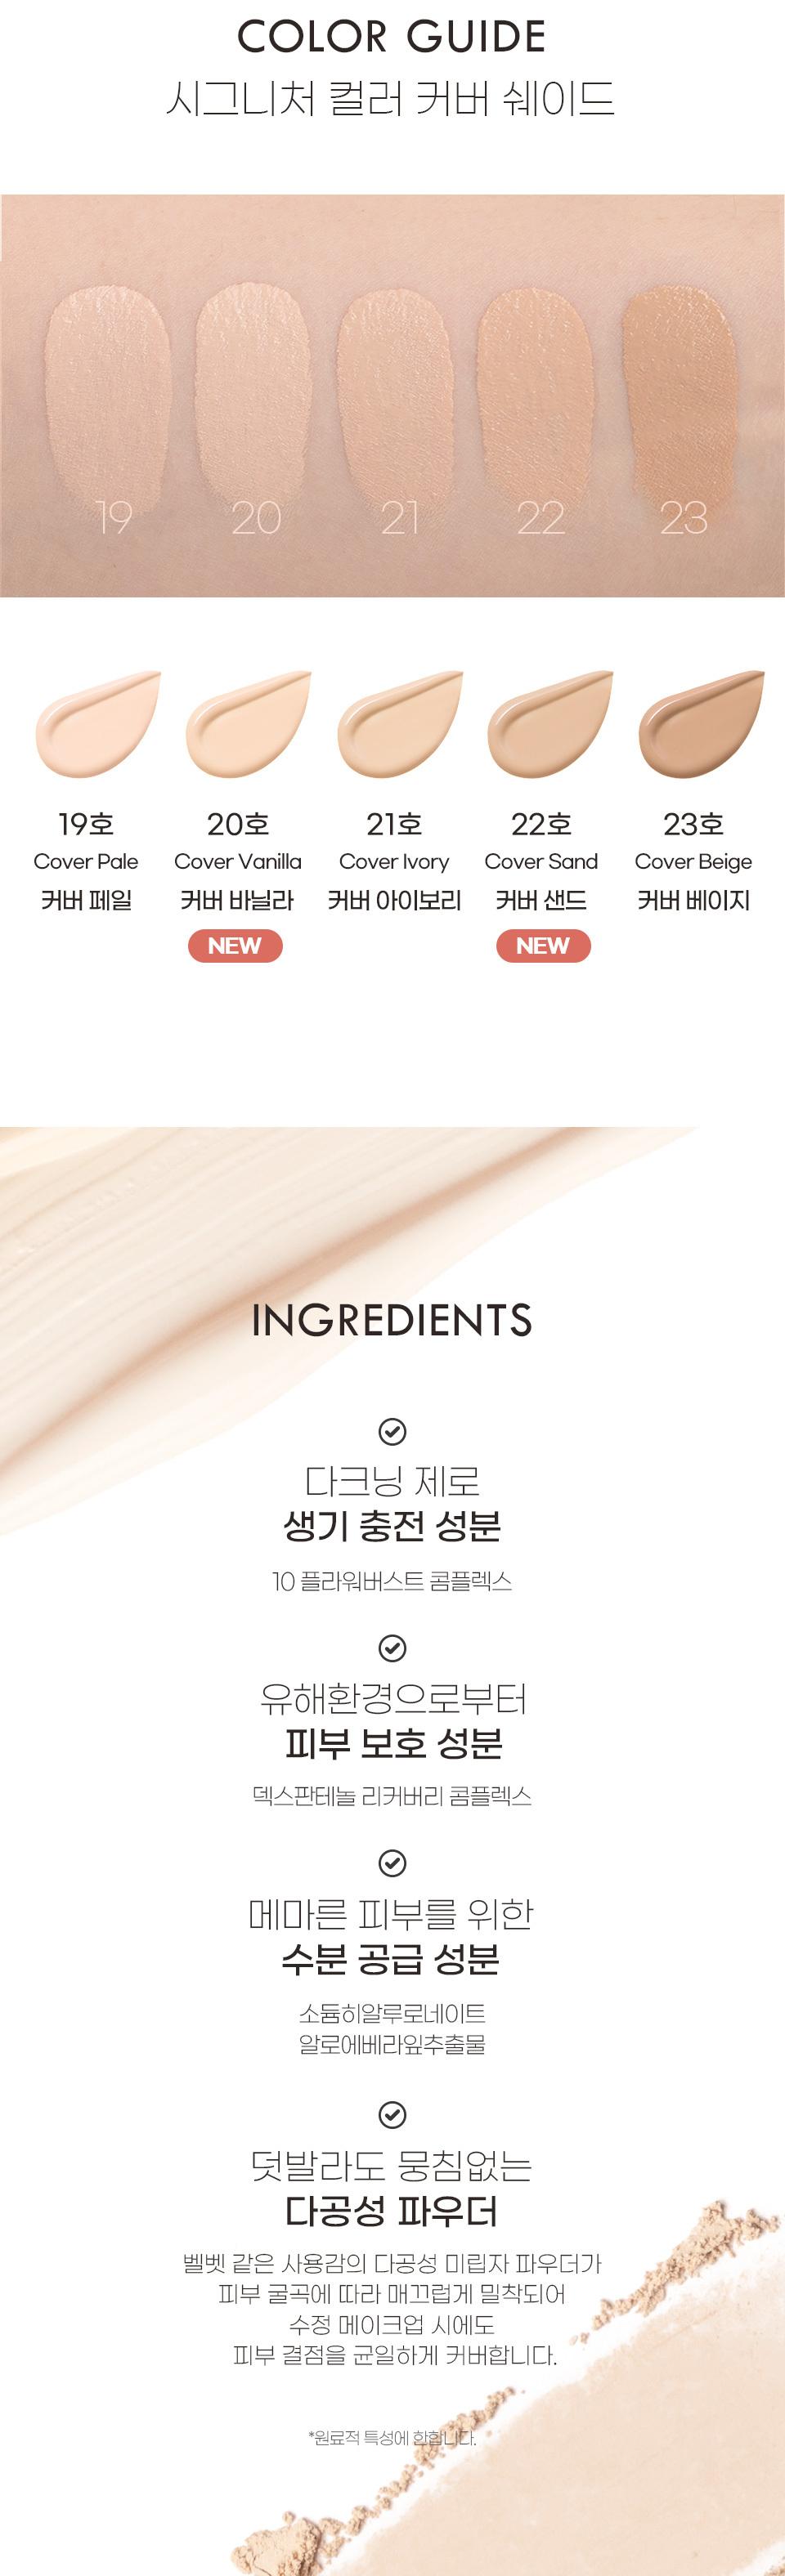 자빈드서울(JAVIN DE SEOUL) 윙크 파운데이션 팩트 레더 케이스 ver. 15g